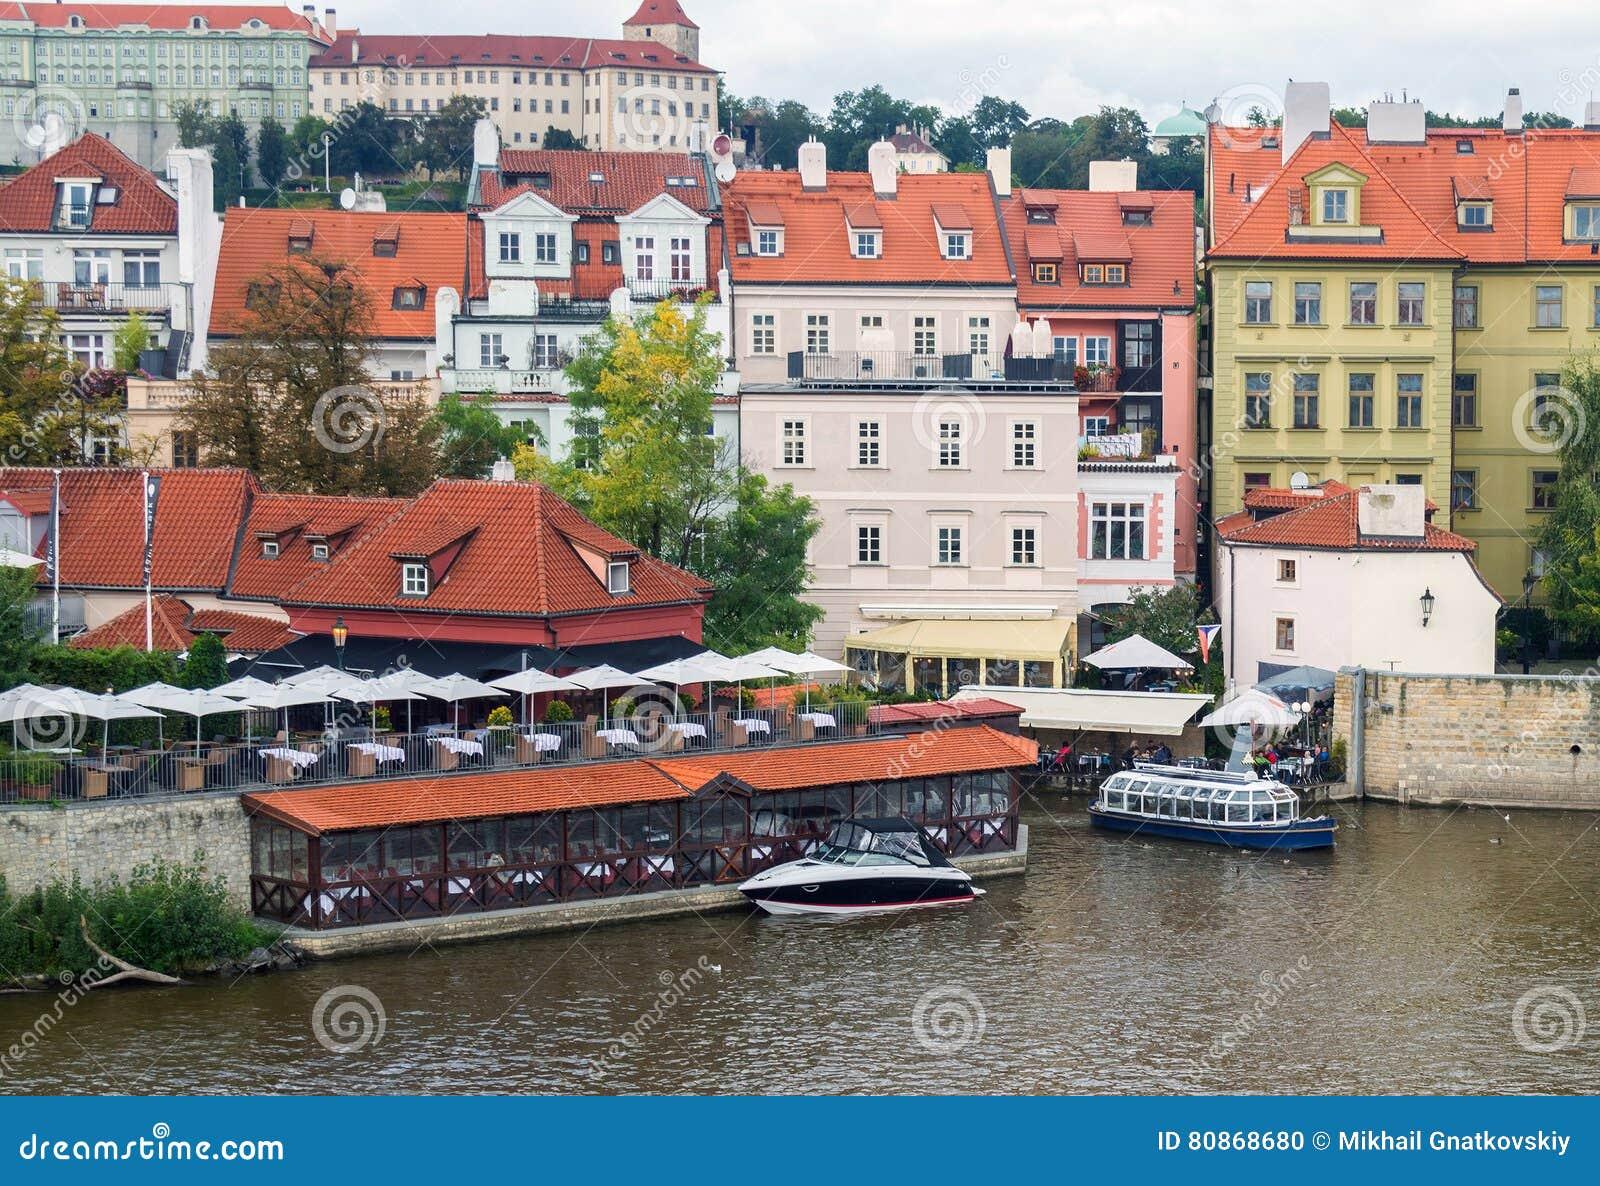 Restaurants In Huizen : Huizen en restaurants op de rechteroever van de rivier vltava stock